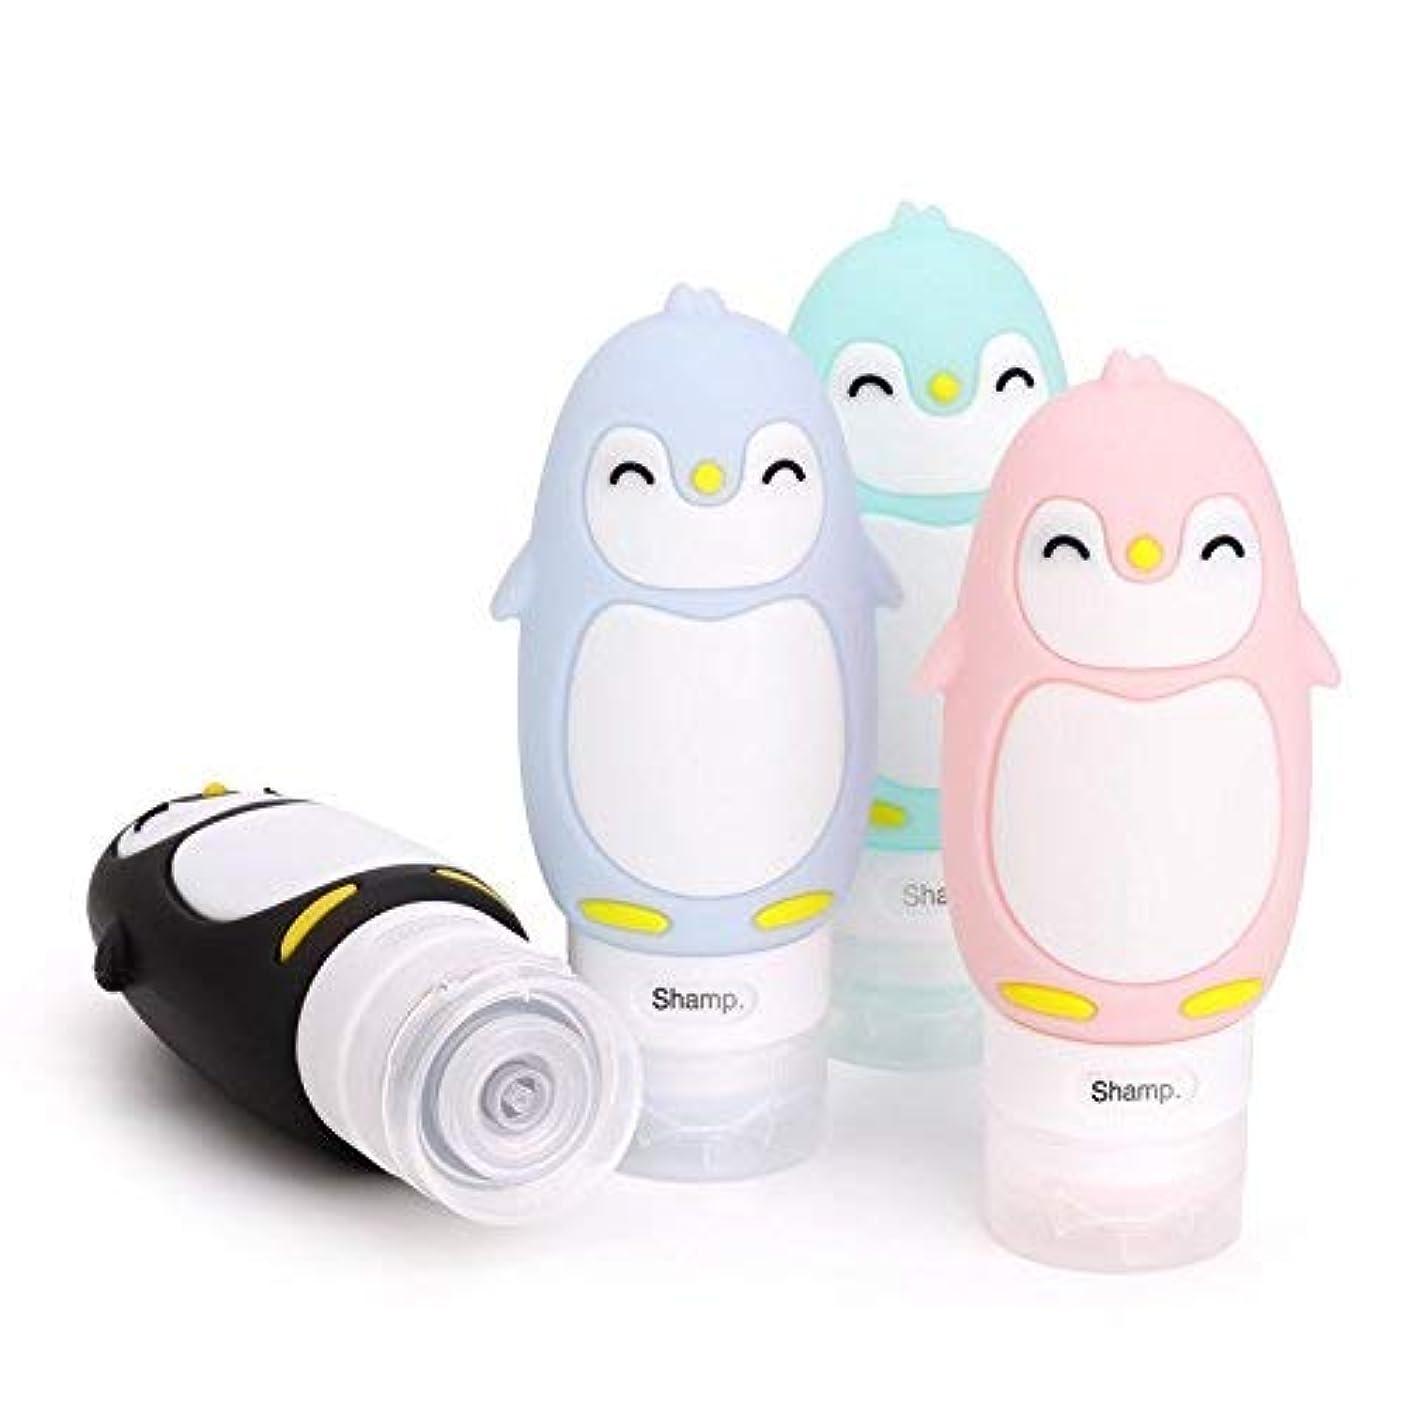 決済広々とした励起Kinbo 4パックポータブルトラベルボトルリーク防止、3ozリフィル可能なソフトシリコンスキージリキッドトイレタリーコンテナ、シャンプーローションソープ化粧品